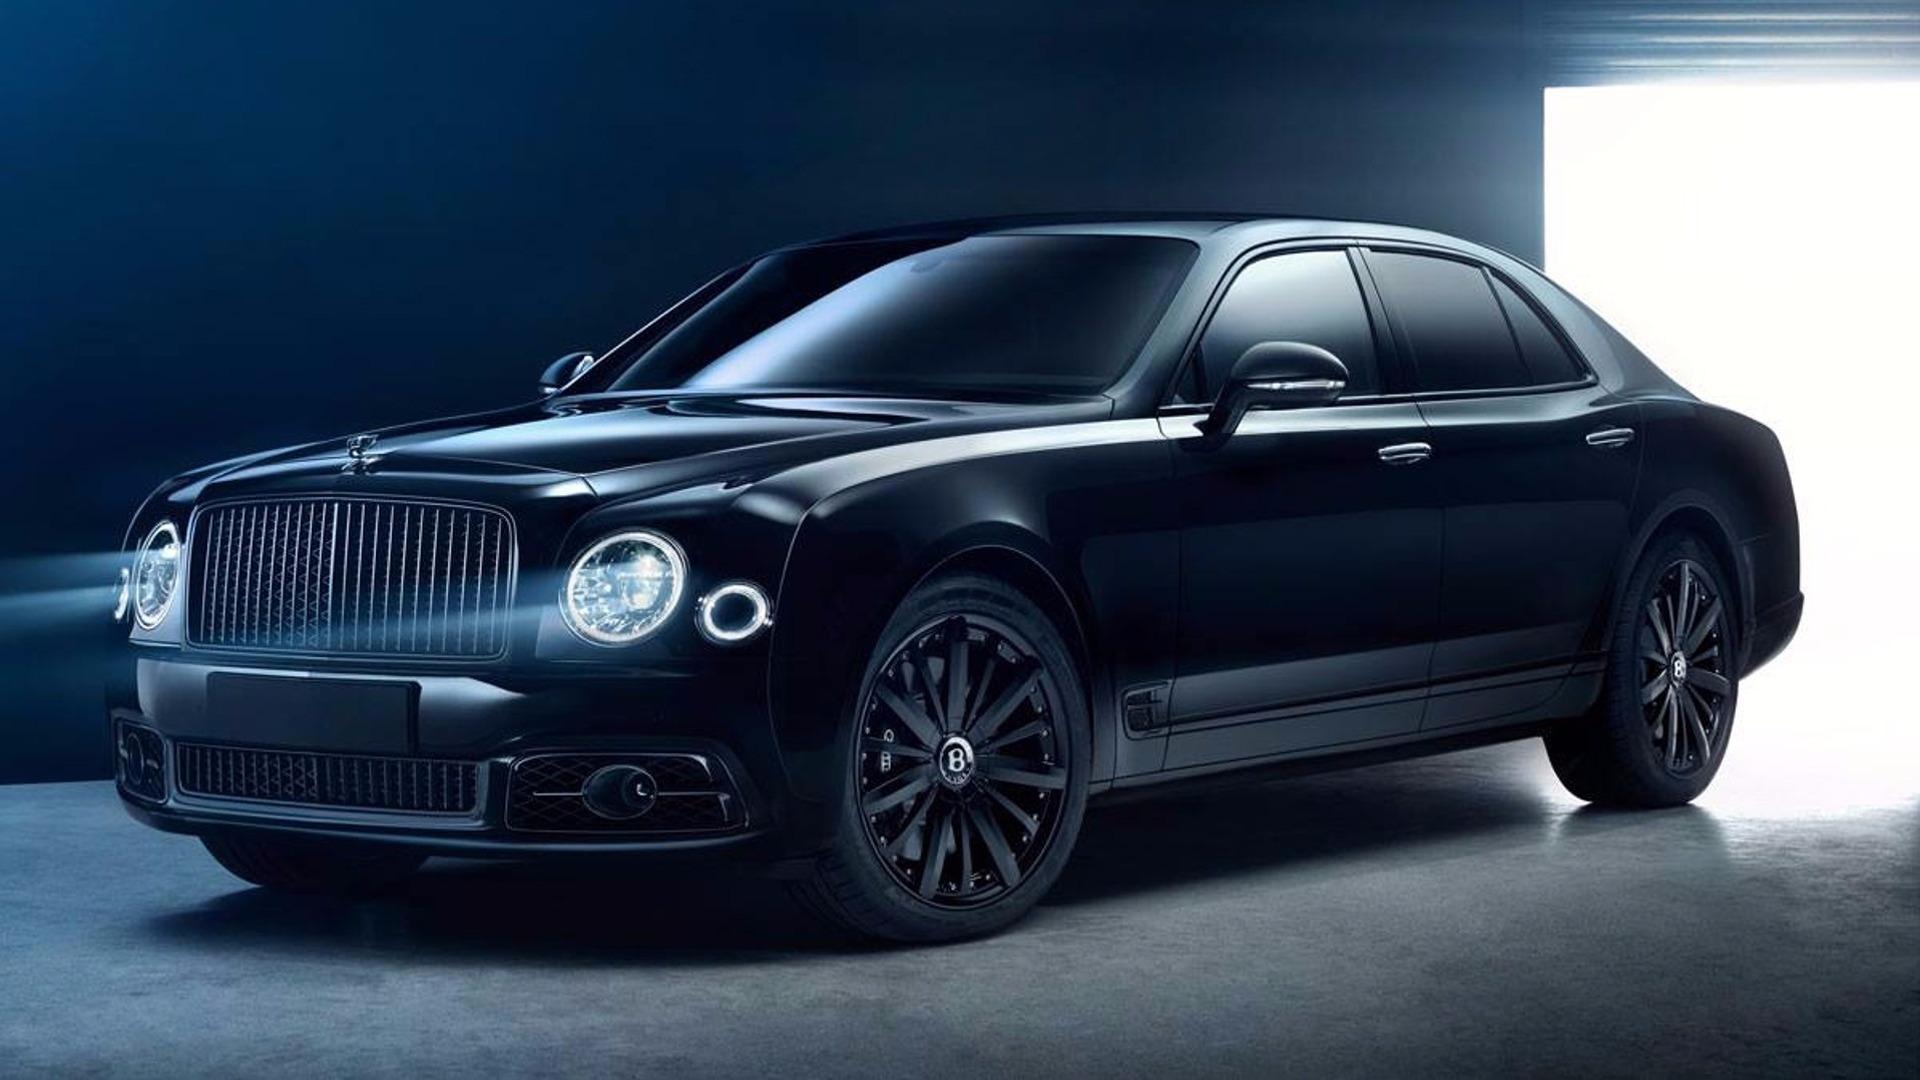 Weird Hd Wallpaper Cars Murdered Out Bentley Mulsanne Bamford X Is Deeply Menacing